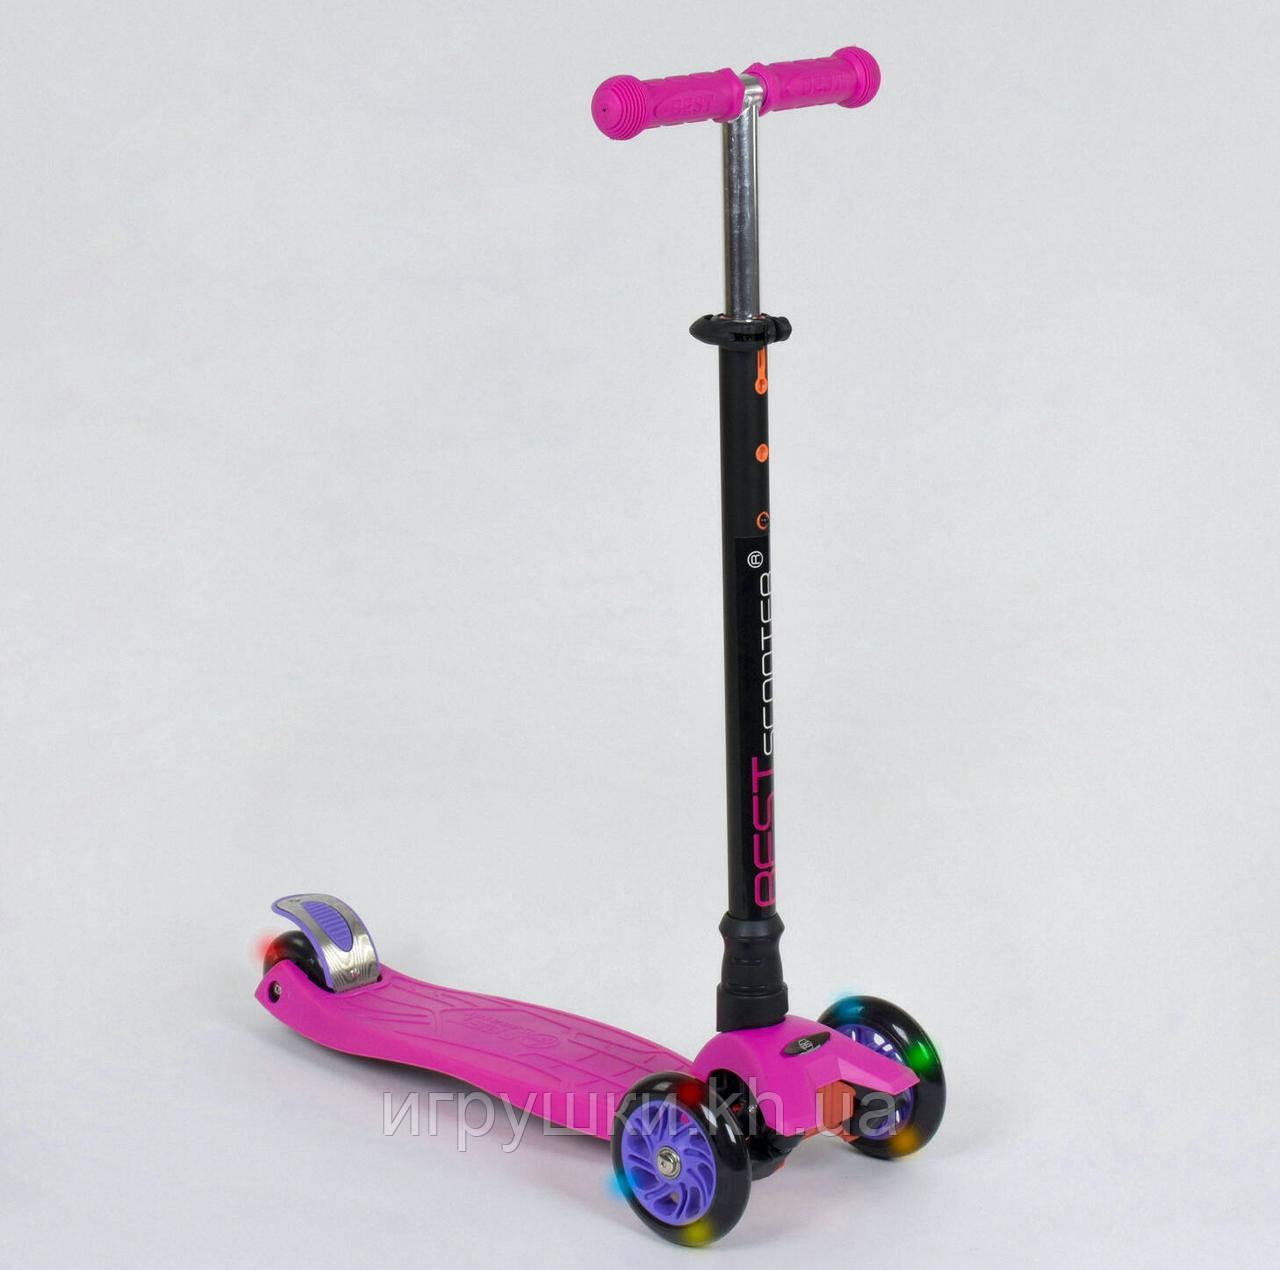 Самокат Best Scooter MAXI 466-113 / А 24437